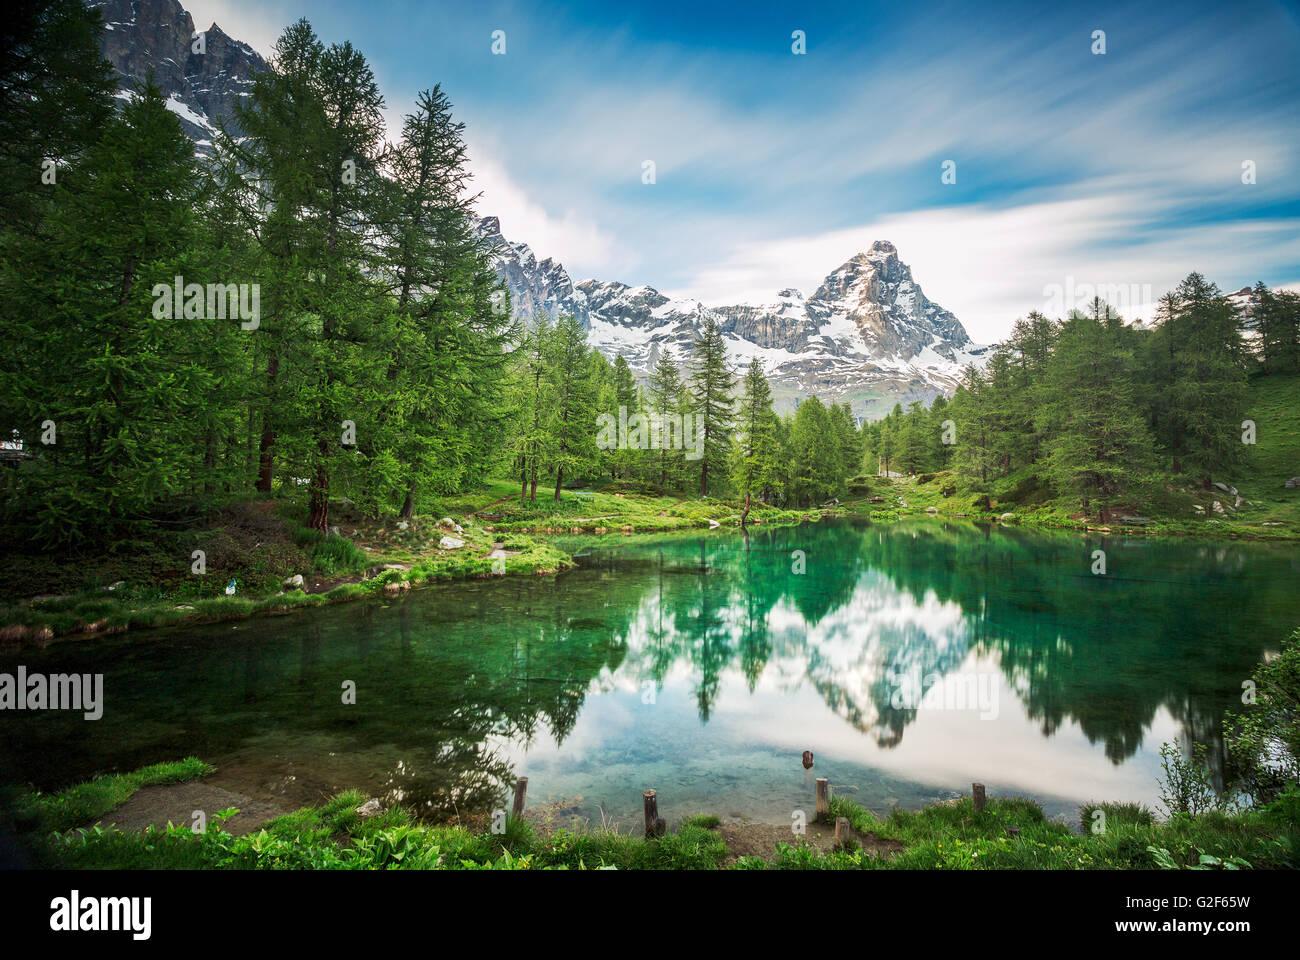 Cervino / Matterhorn peak in Breuil-Cervinia, Valtournenche, Aostatal, Alpen, Italien Stockbild